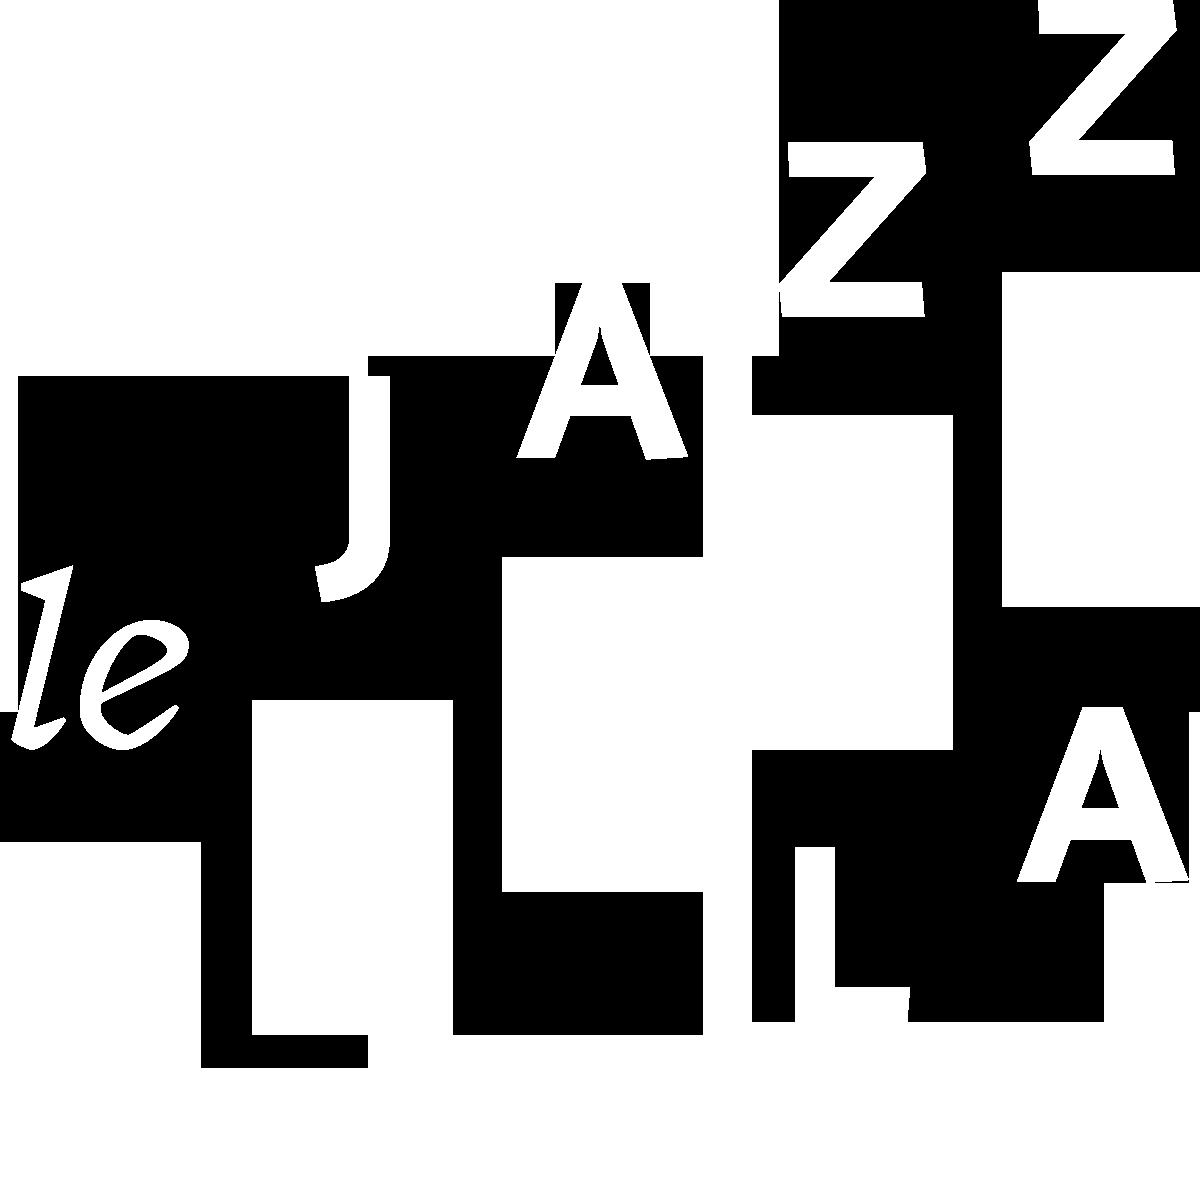 Le jazz est LA